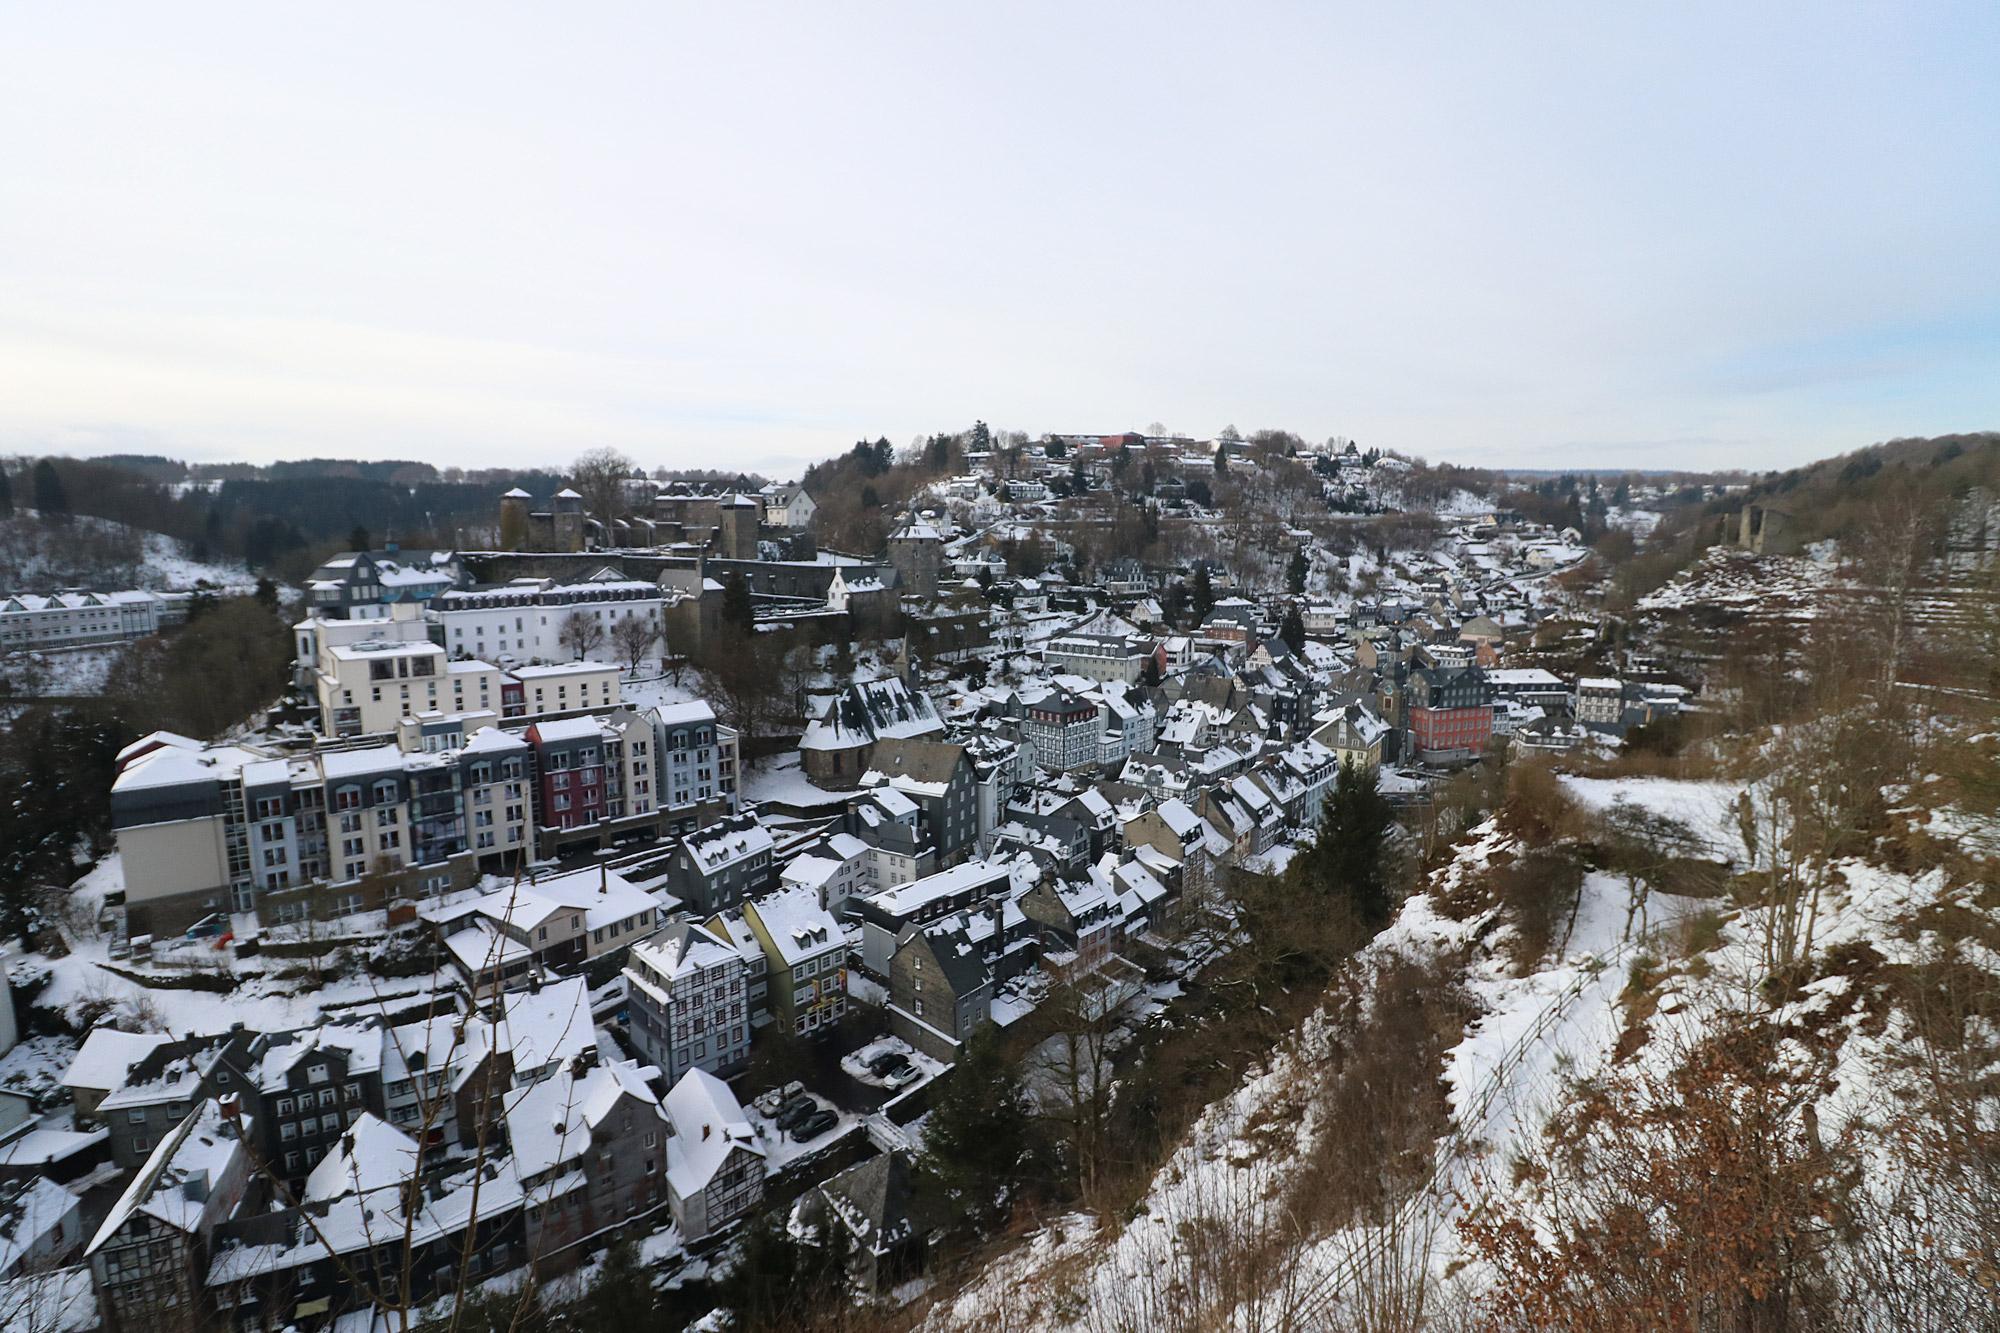 Stedentrip Monschau - Uitzichtpunt vanaf het Stadtpark